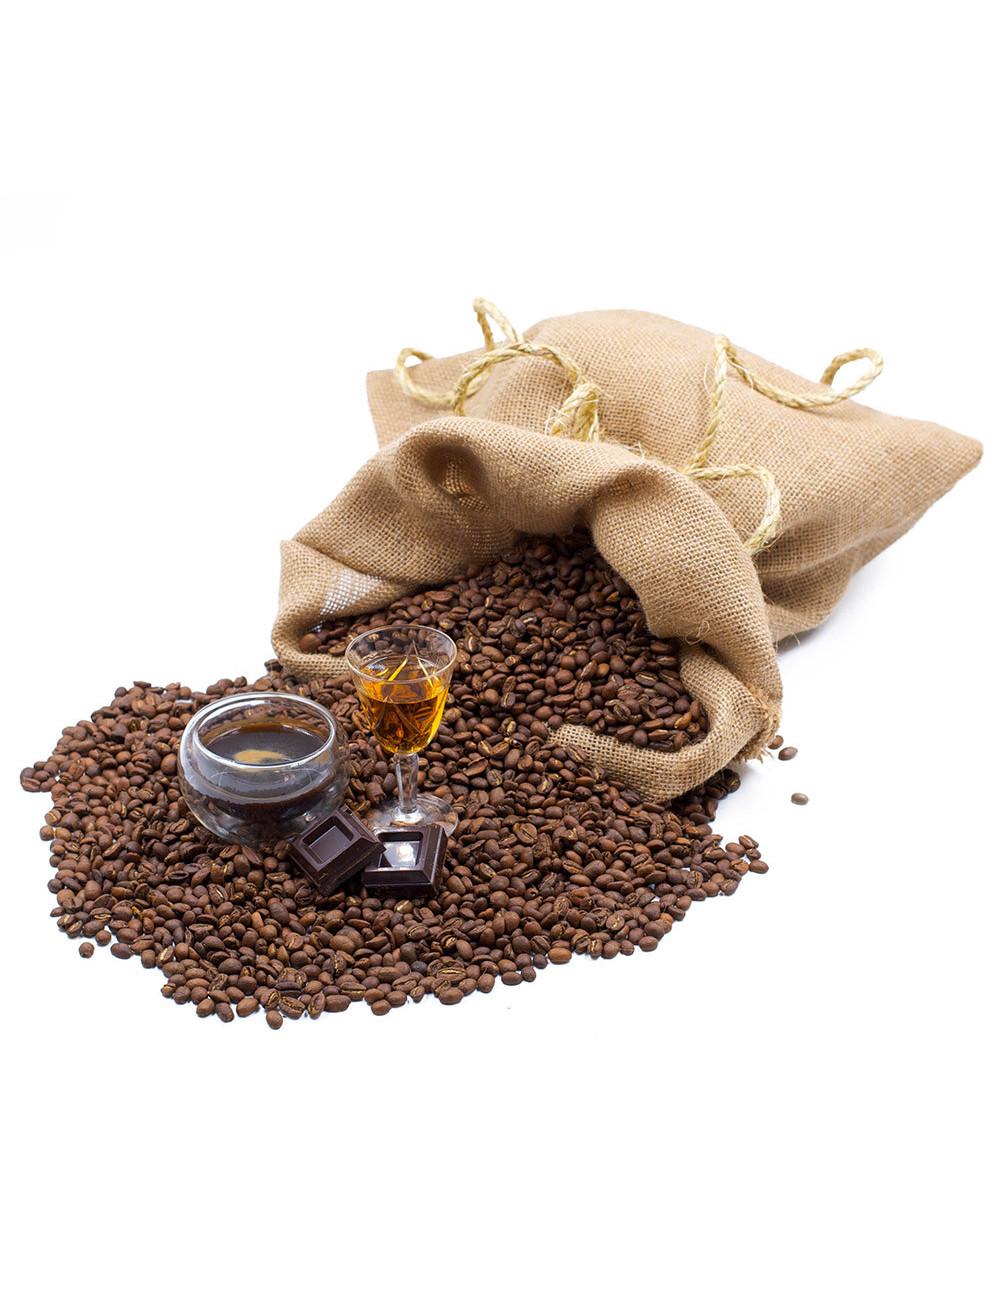 Caffè Cioccolato e Whisky aromatizzato - La Pianta del Tè shop online